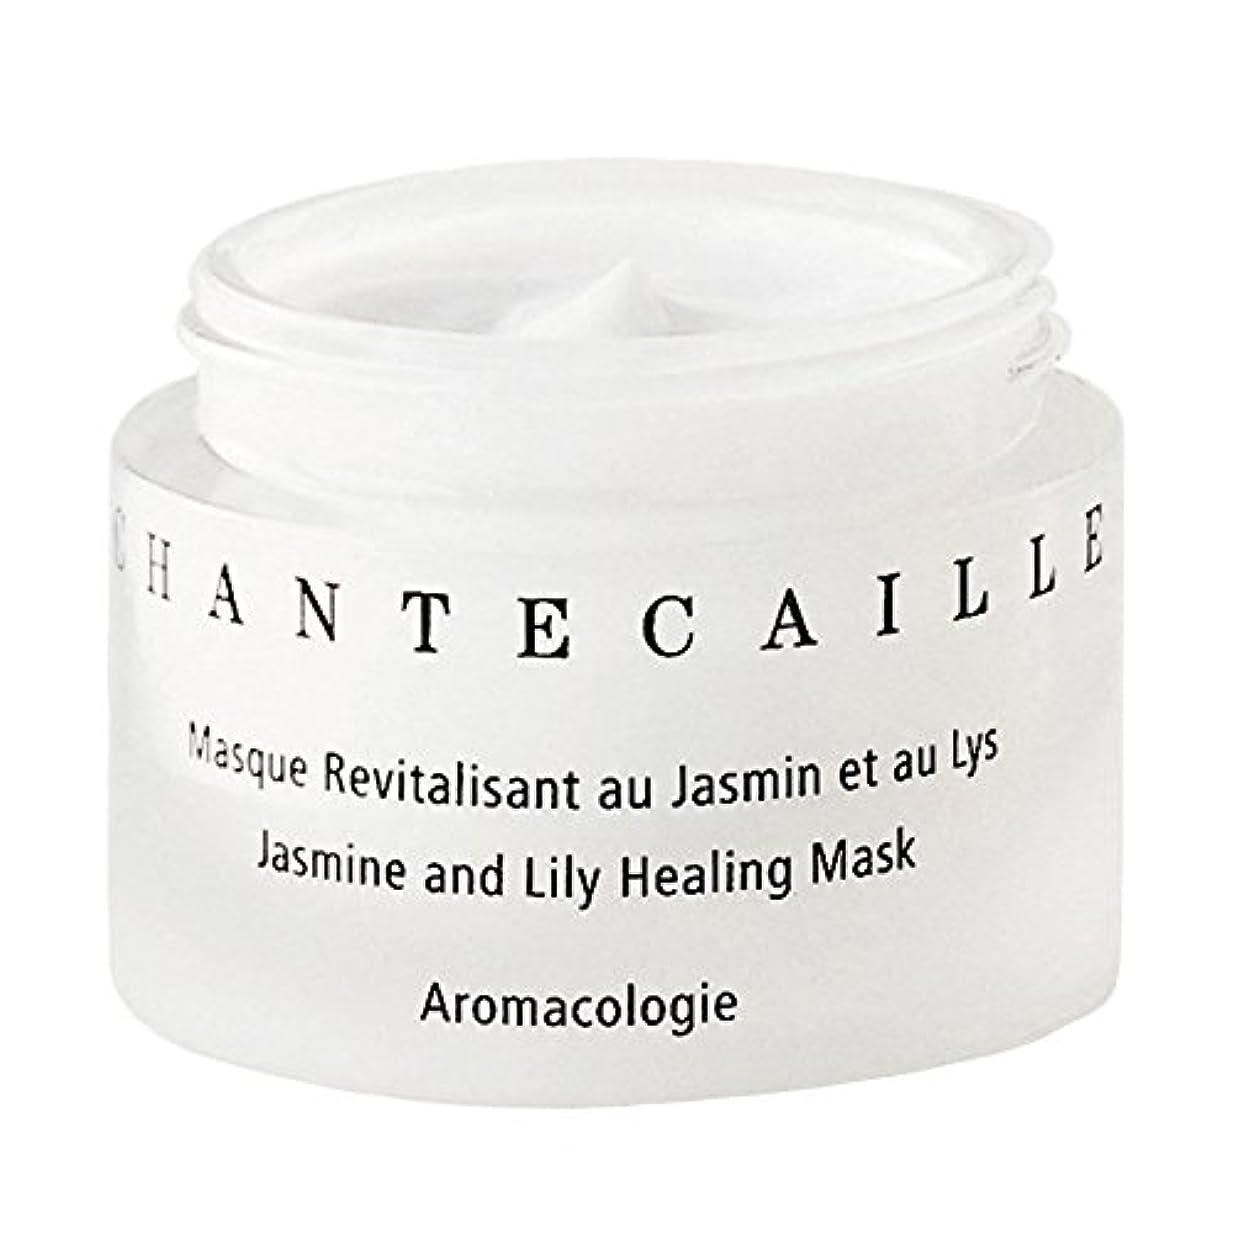 ブルジョンストラトフォードオンエイボン容量シャンテカイユのジャスミンとユリ癒しのマスク、シャンテカイユ x4 - Chantecaille Jasmine and Lily Healing Mask, Chantecaille (Pack of 4) [並行輸入品]